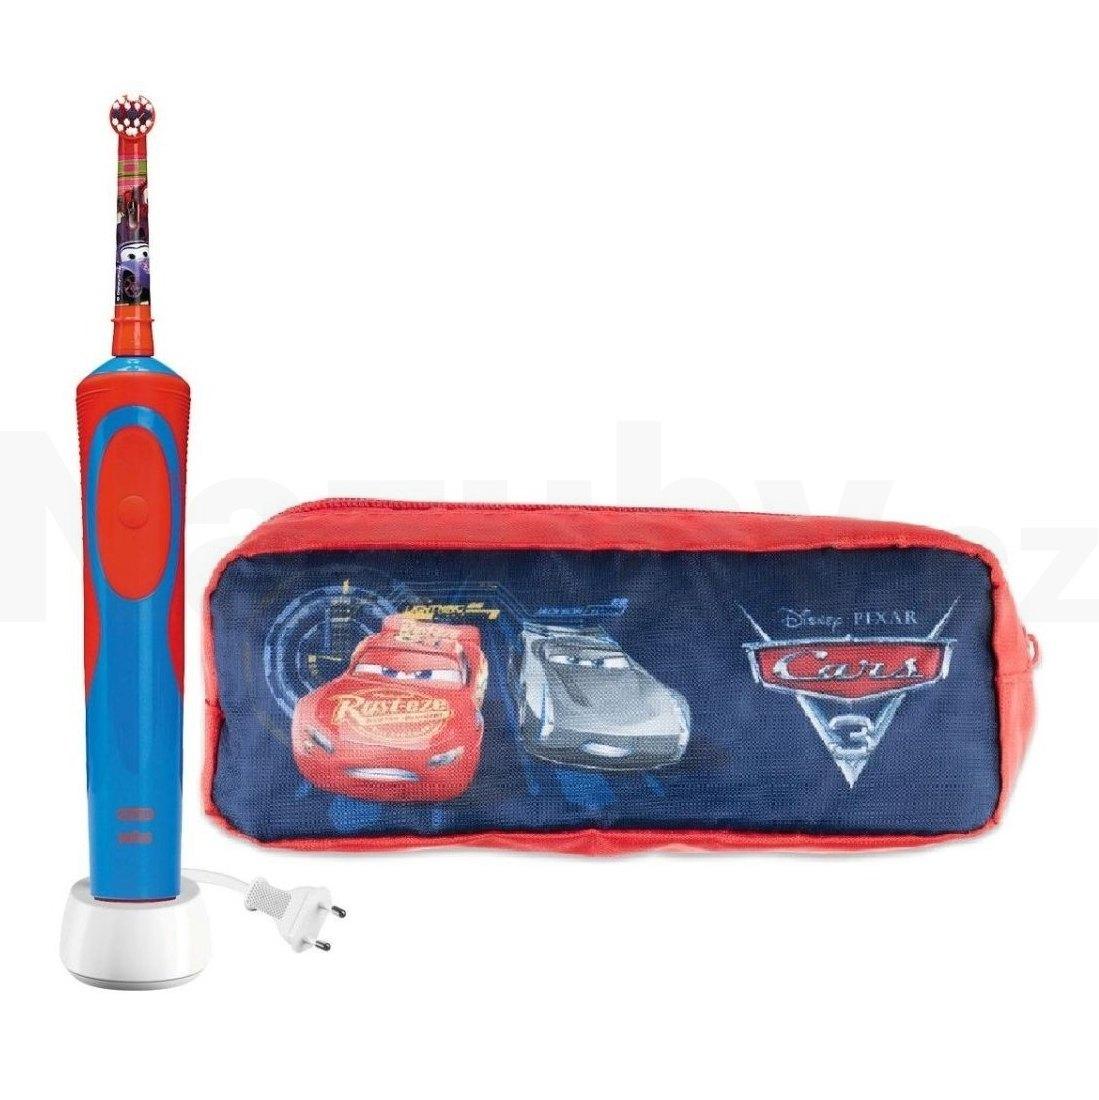 Braun Oral-B Vitality Precision Clean D12.513 - AUTA + penál - 100 dní na vrácení zboží